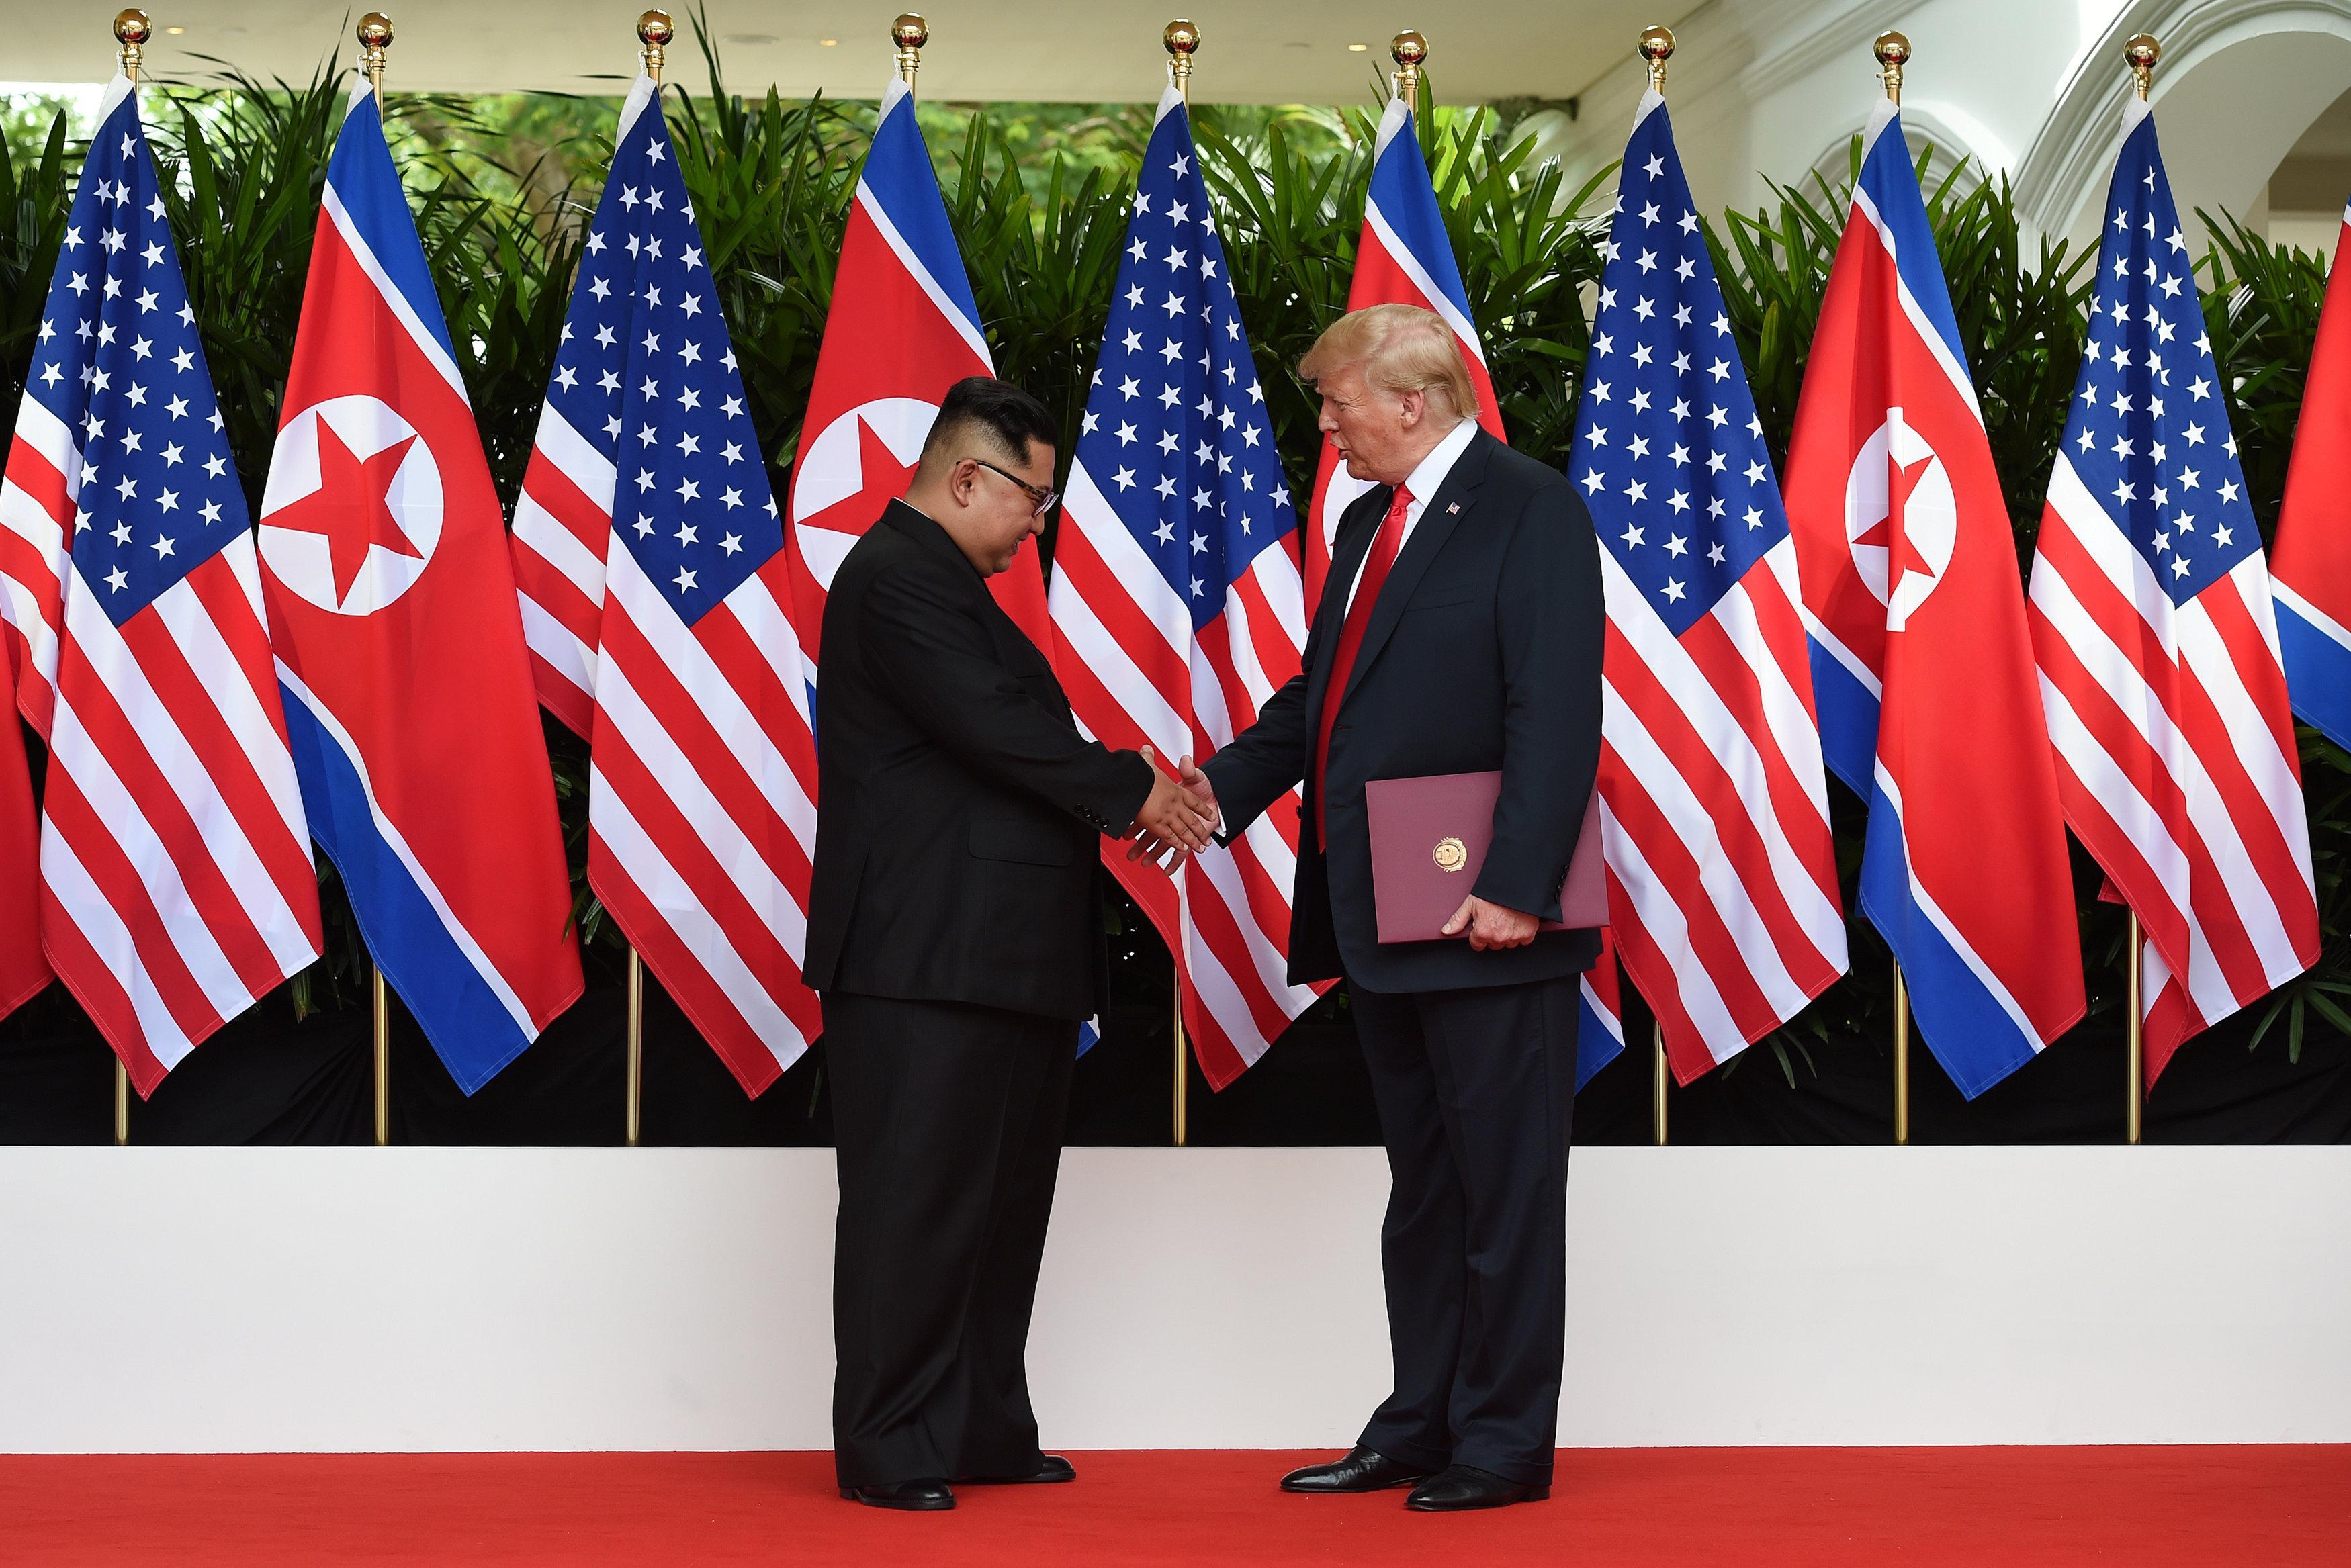 """Résultat de recherche d'images pour """"Trump, Kim agree on denuclearization, but deal seen symbolic"""""""